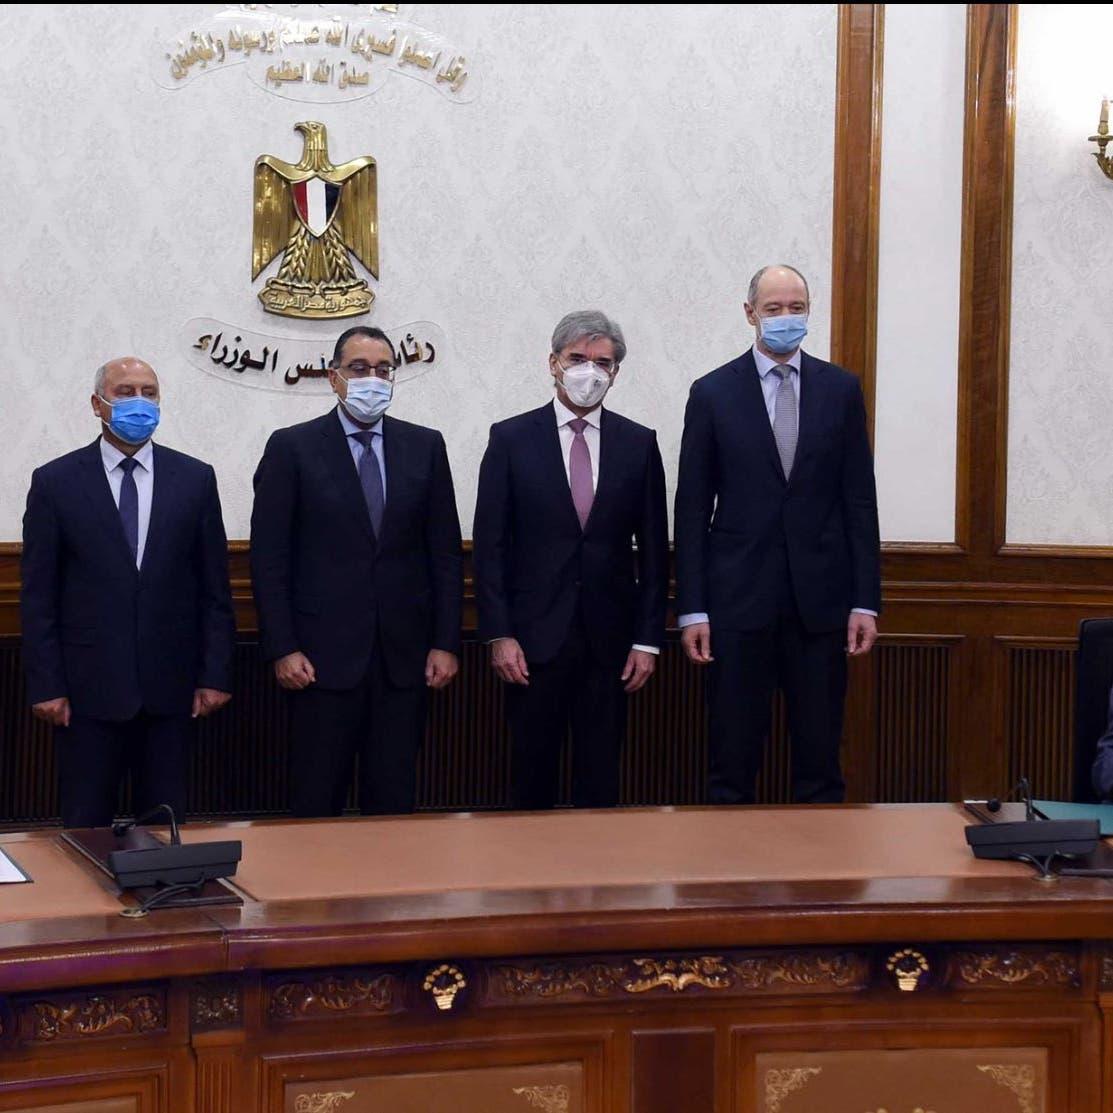 قطار فائق السرعة في مصر بـ23 مليار دولار بالتعاون مع